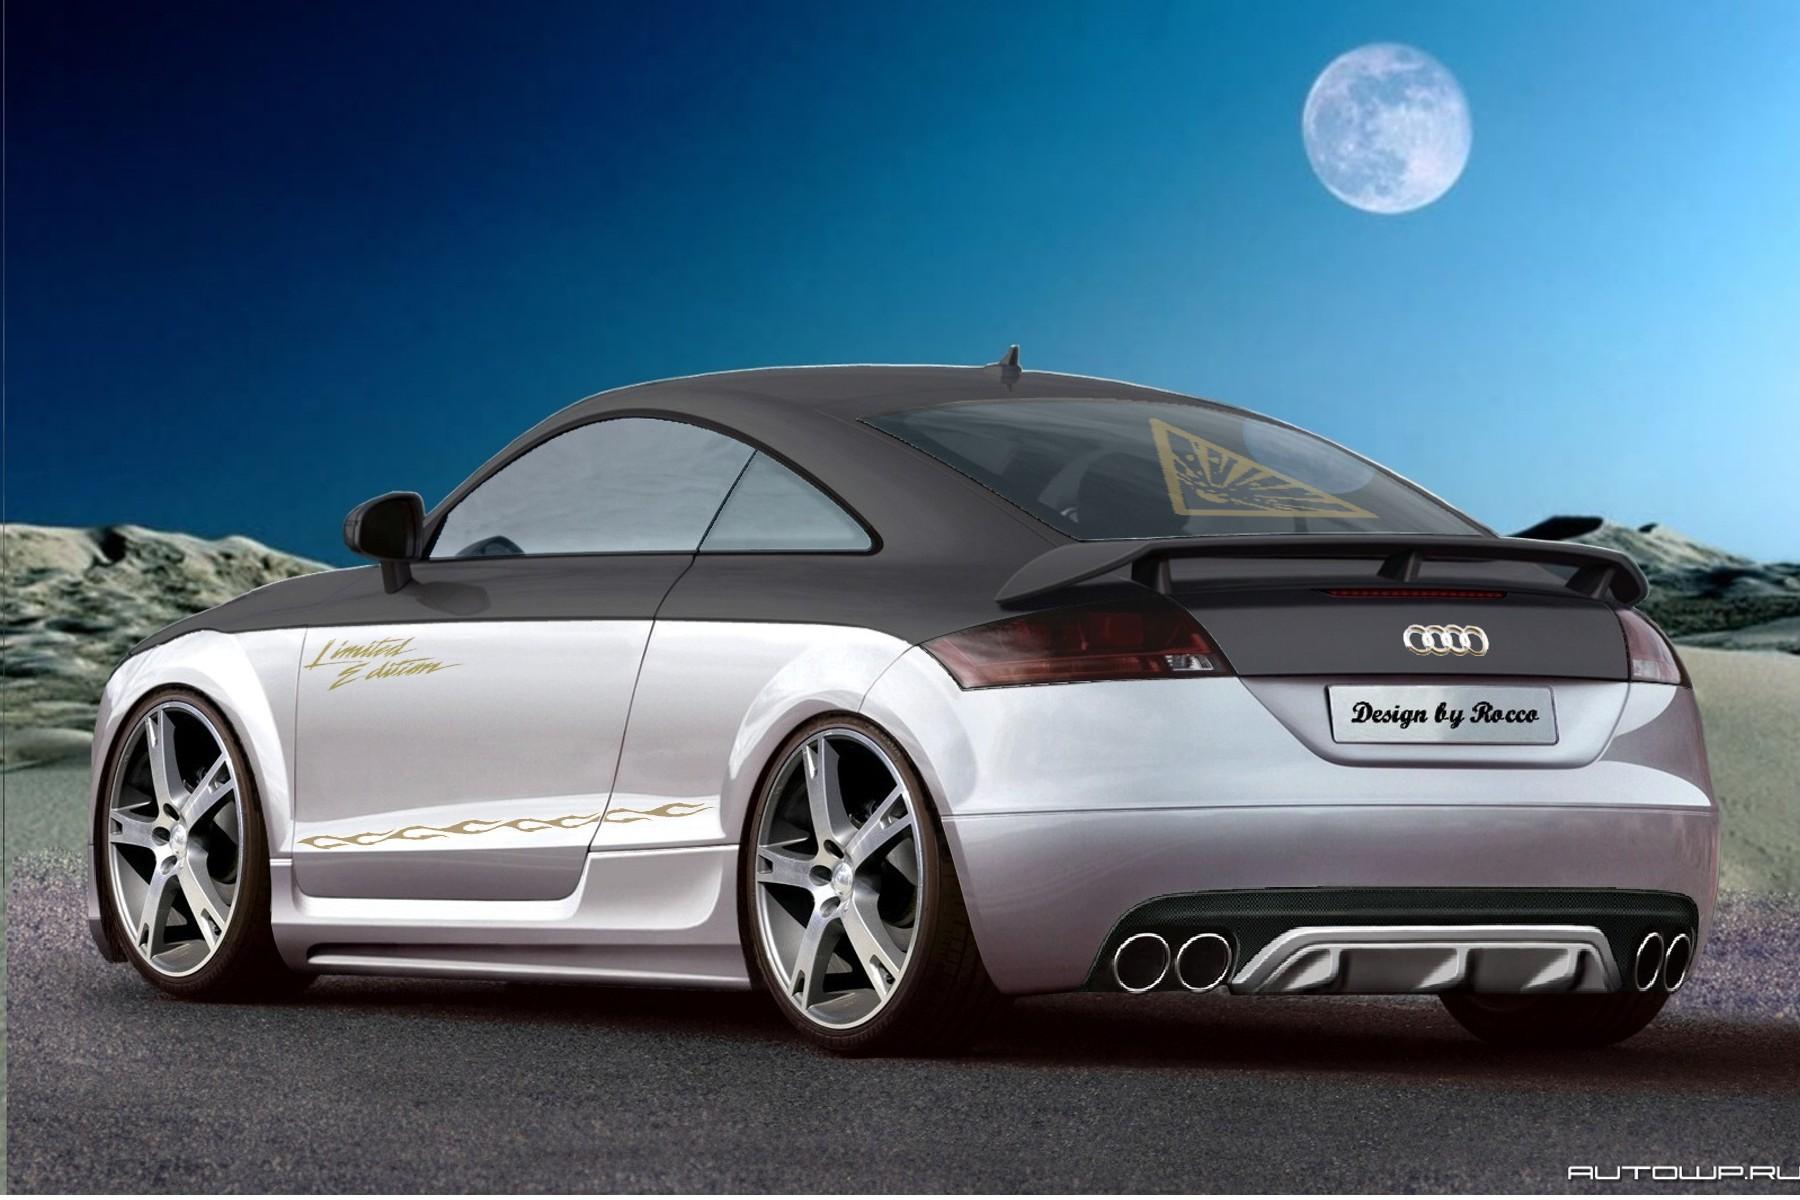 NR] Audi TT 2007 Style 78 Seite 2 pagenstecher Deine